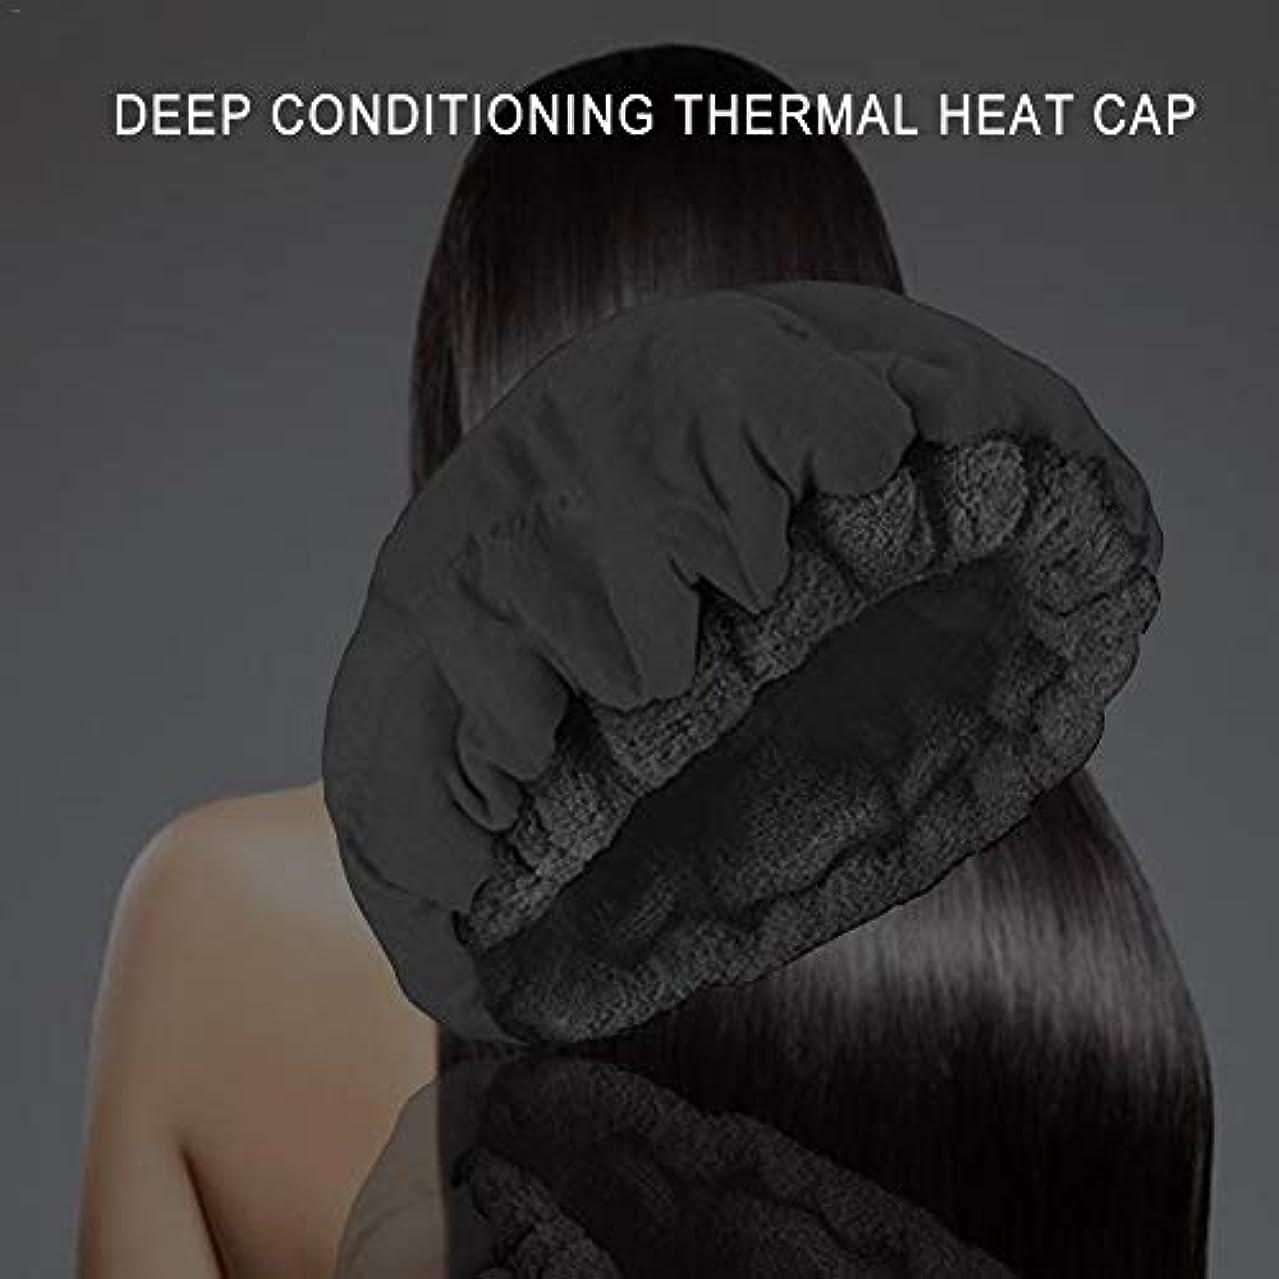 磁石どちらも夜明けディープコンディショニングヒートキャップ、スチーム用コードレス電子レンジ対応ヒートキャップ、髪の熱療法、マイクロファイバーコットン、リバーシブル、亜麻仁インテリア